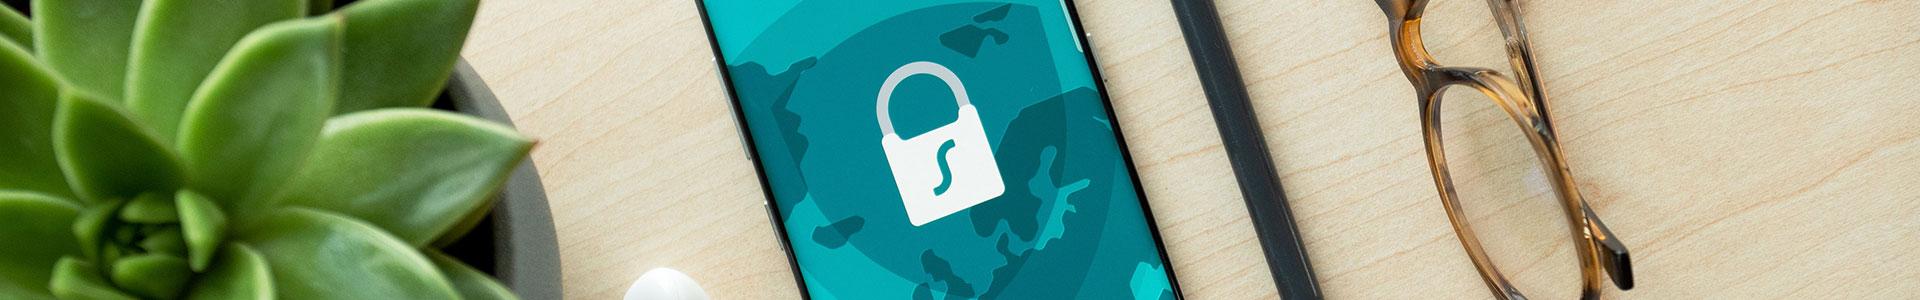 Recomendaciones de seguridad online